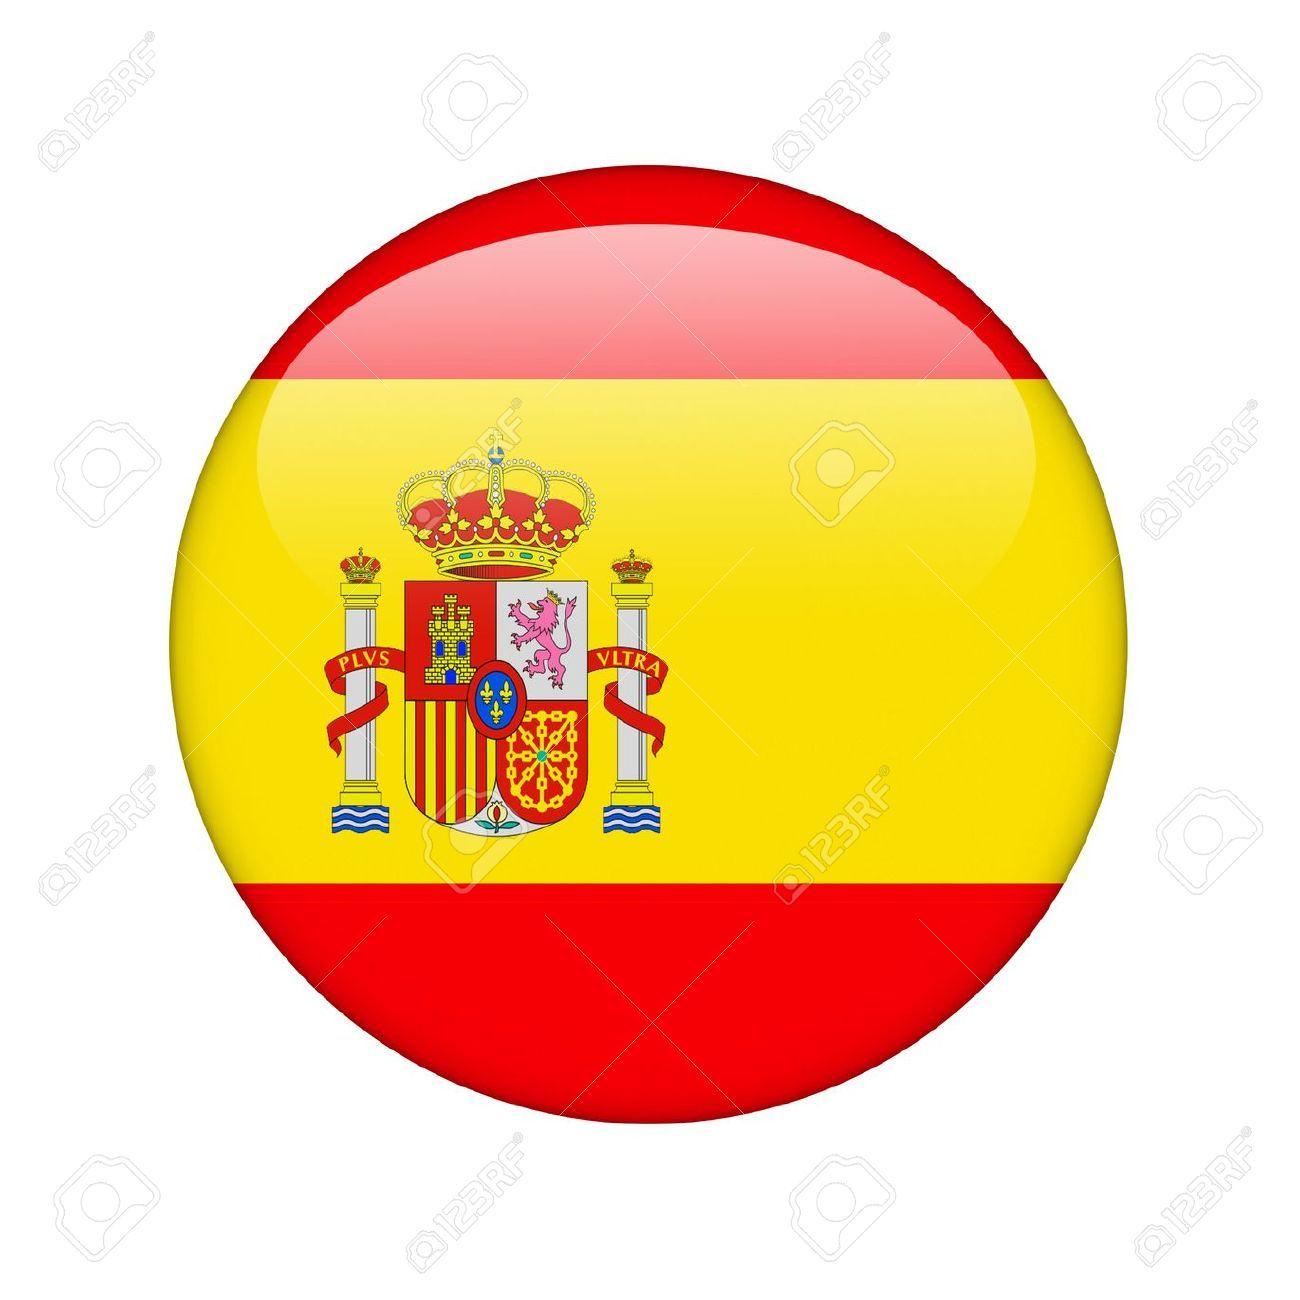 r u00e9sultat de recherche d u0026 39 images pour  u0026quot drapeau espagnol u0026quot